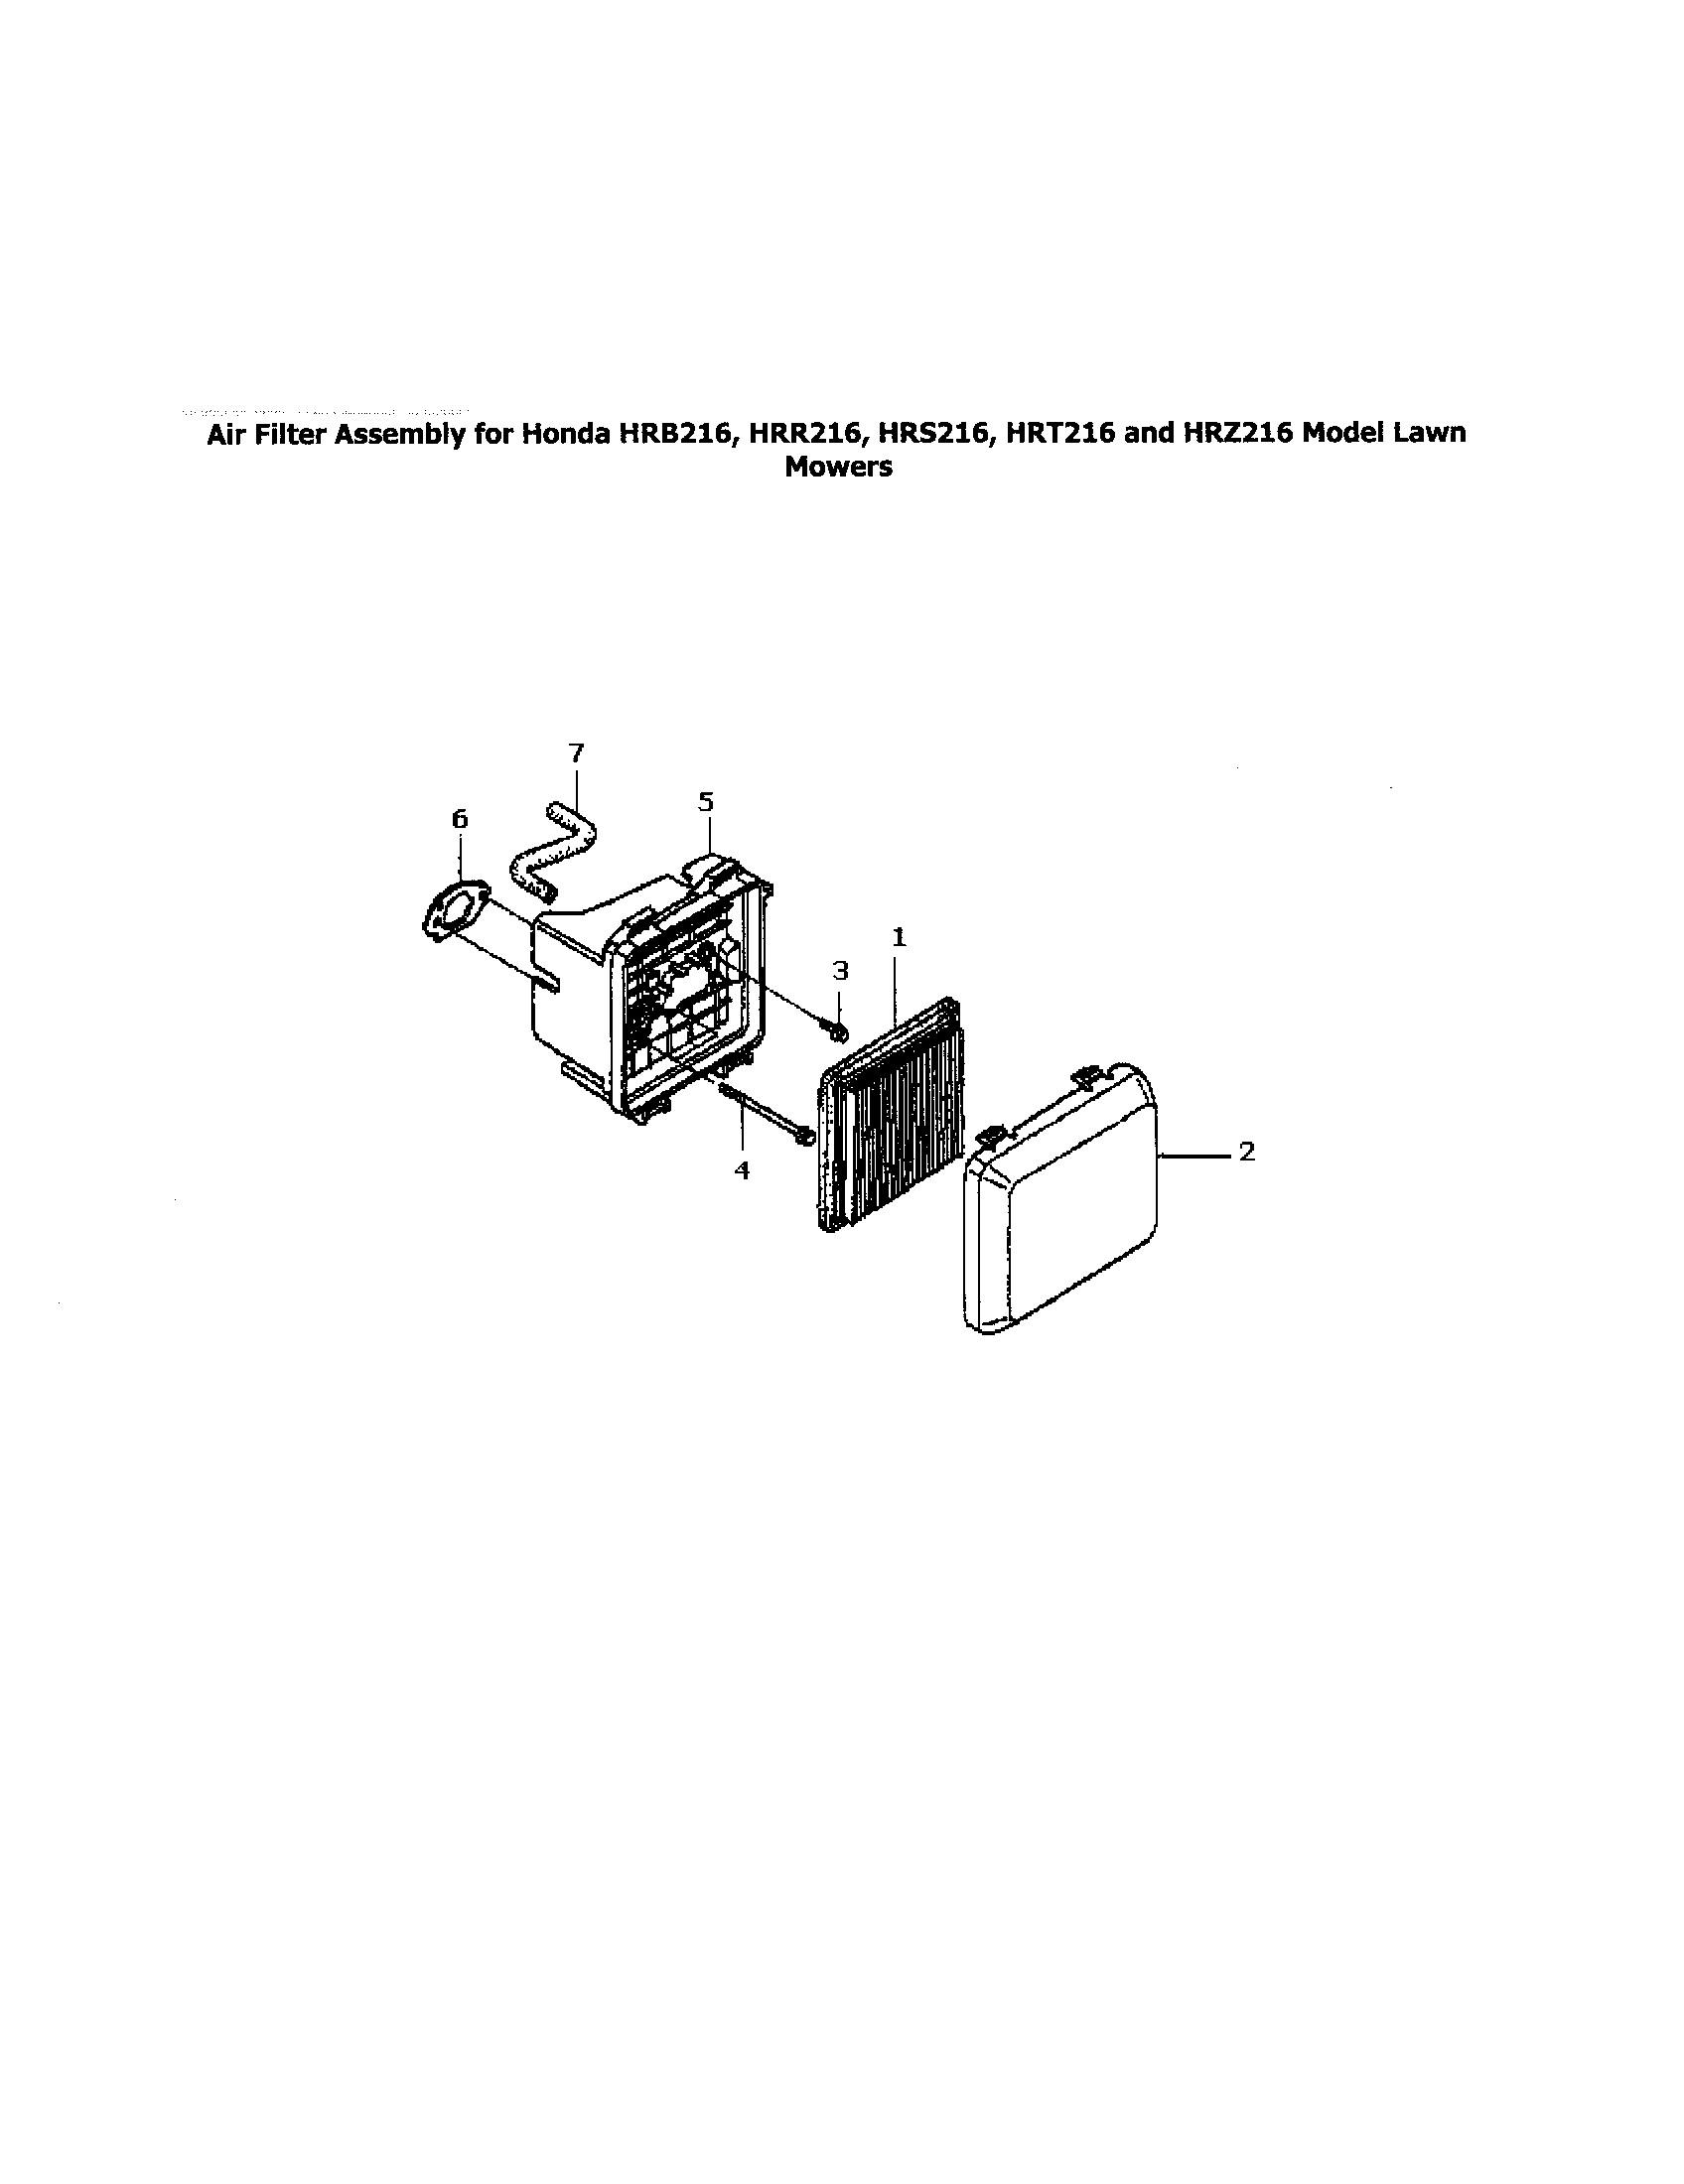 hight resolution of honda hrr216vka parts diagram honda hrr216vka parts diagram honda lawn mower parts of honda hrr216vka parts